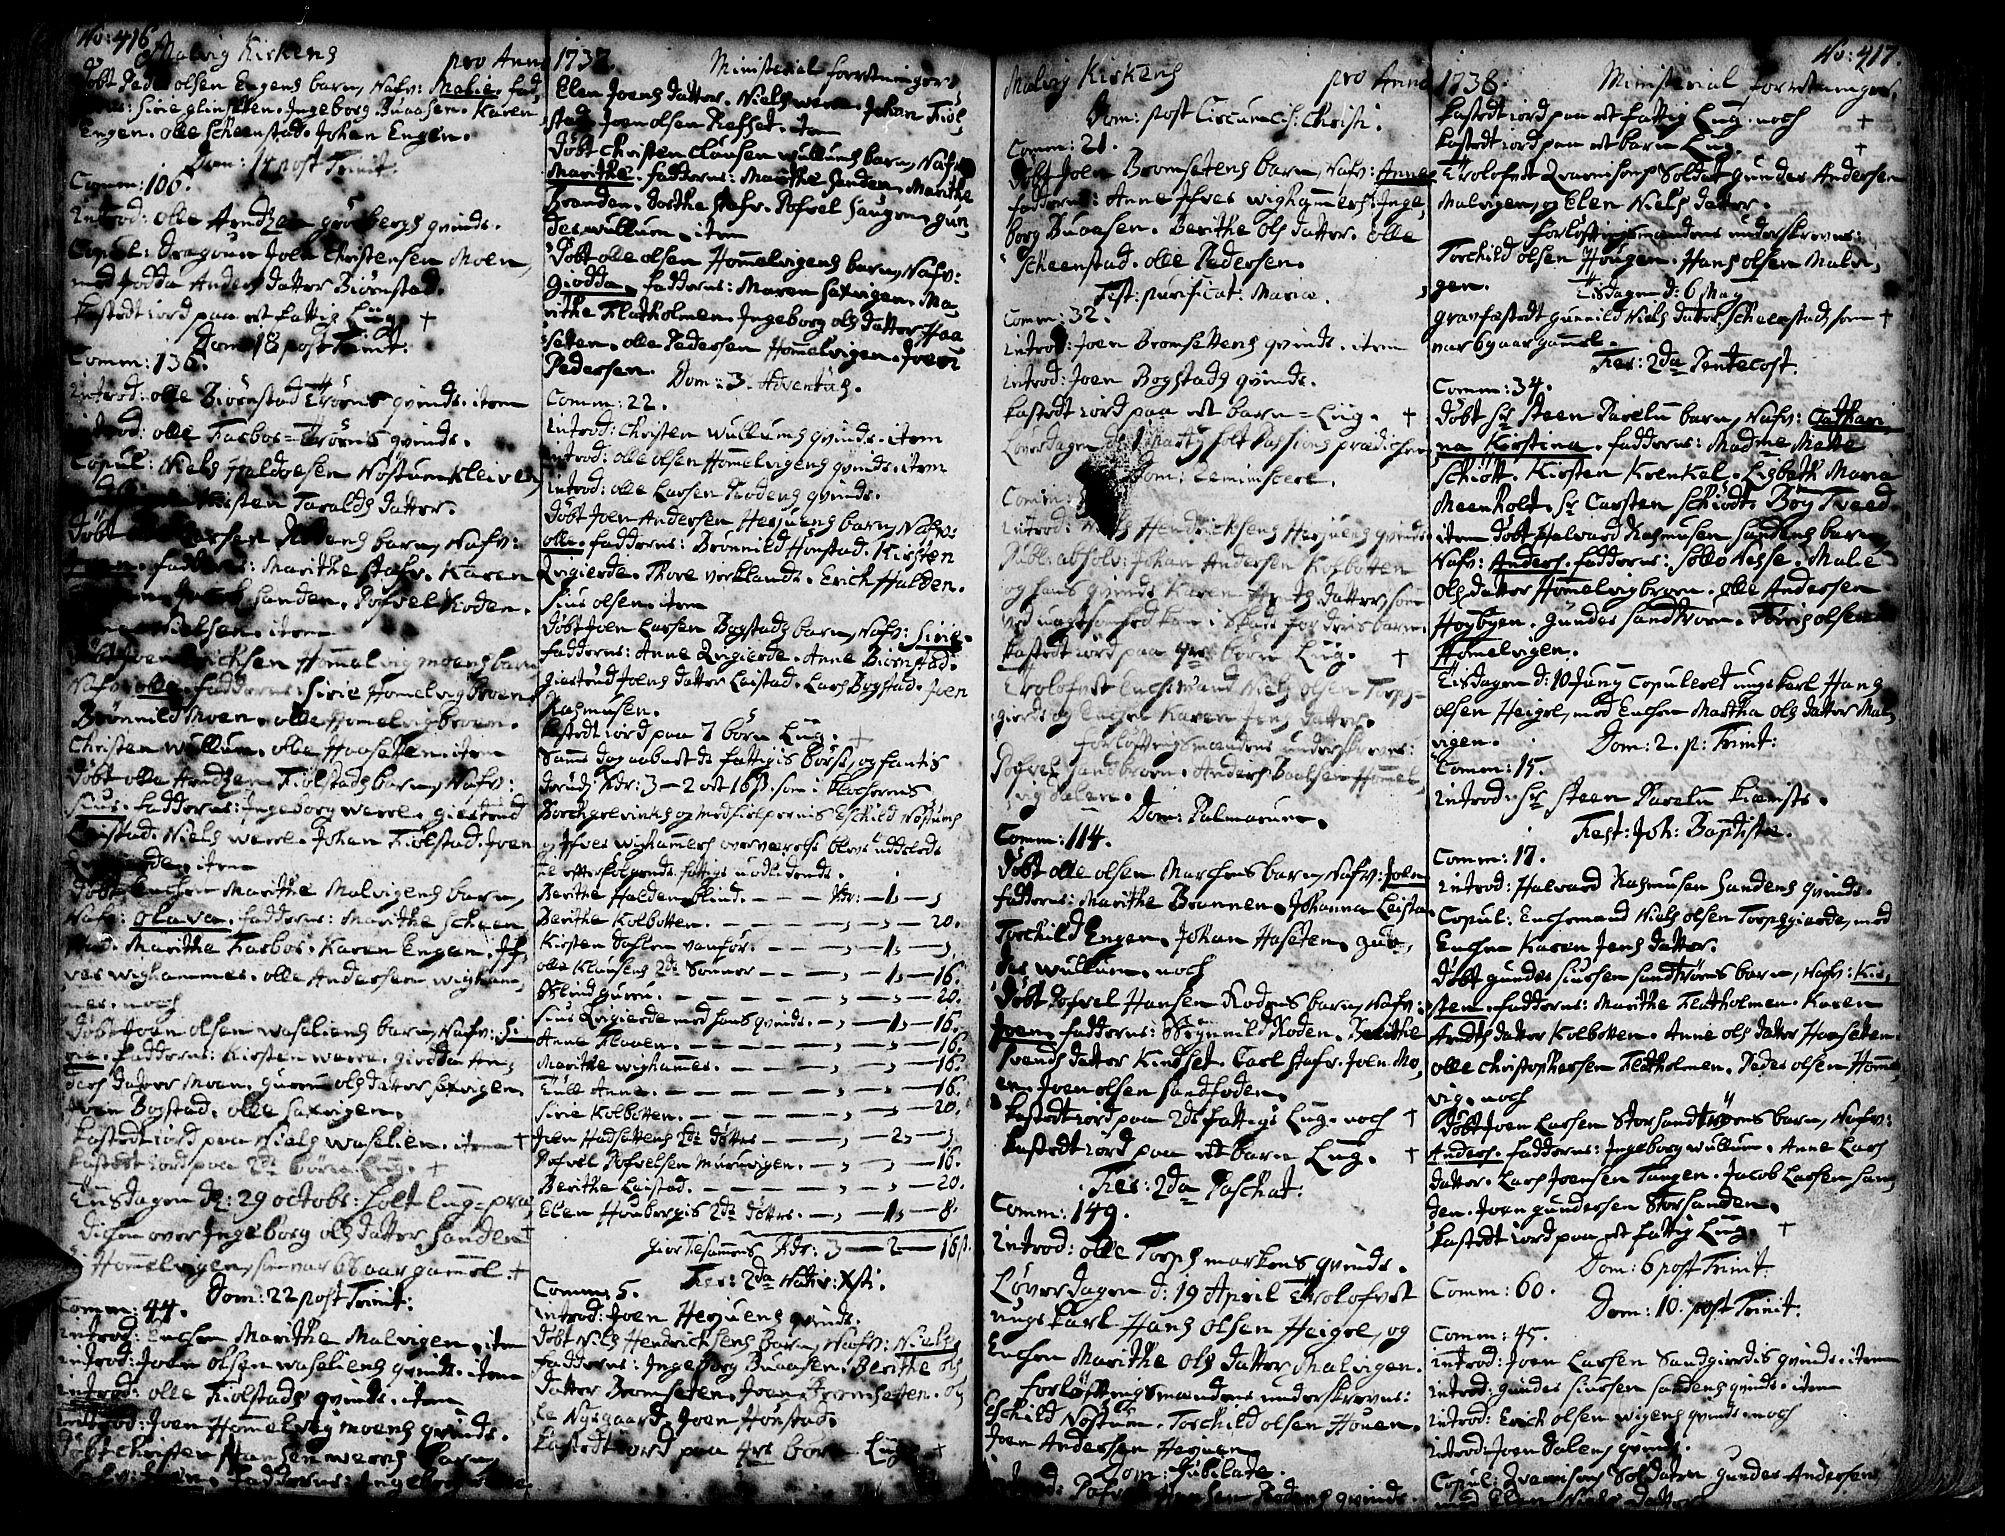 SAT, Ministerialprotokoller, klokkerbøker og fødselsregistre - Sør-Trøndelag, 606/L0277: Ministerialbok nr. 606A01 /3, 1727-1780, s. 416-417